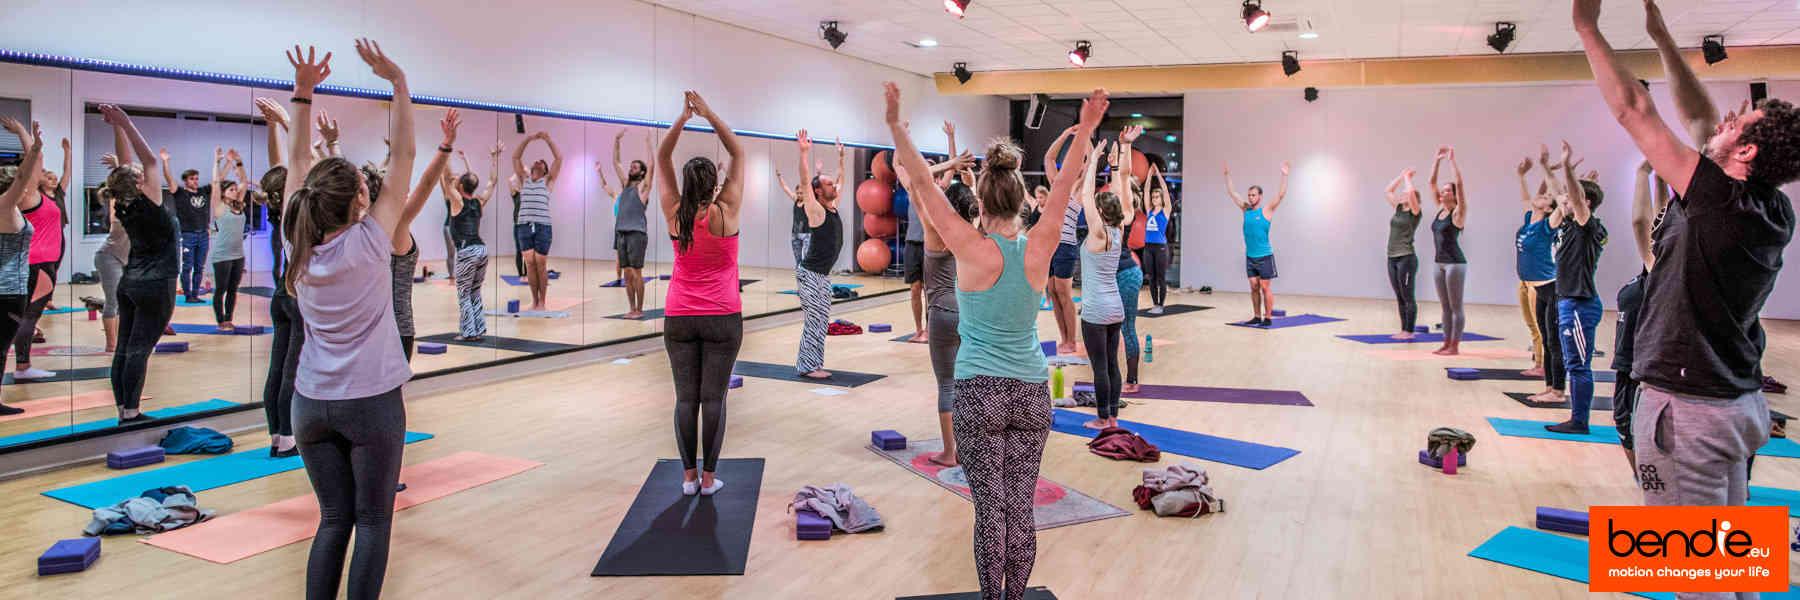 Het wekelijkse lesrooster voor yoga bij Bendie in Leeuwarden.